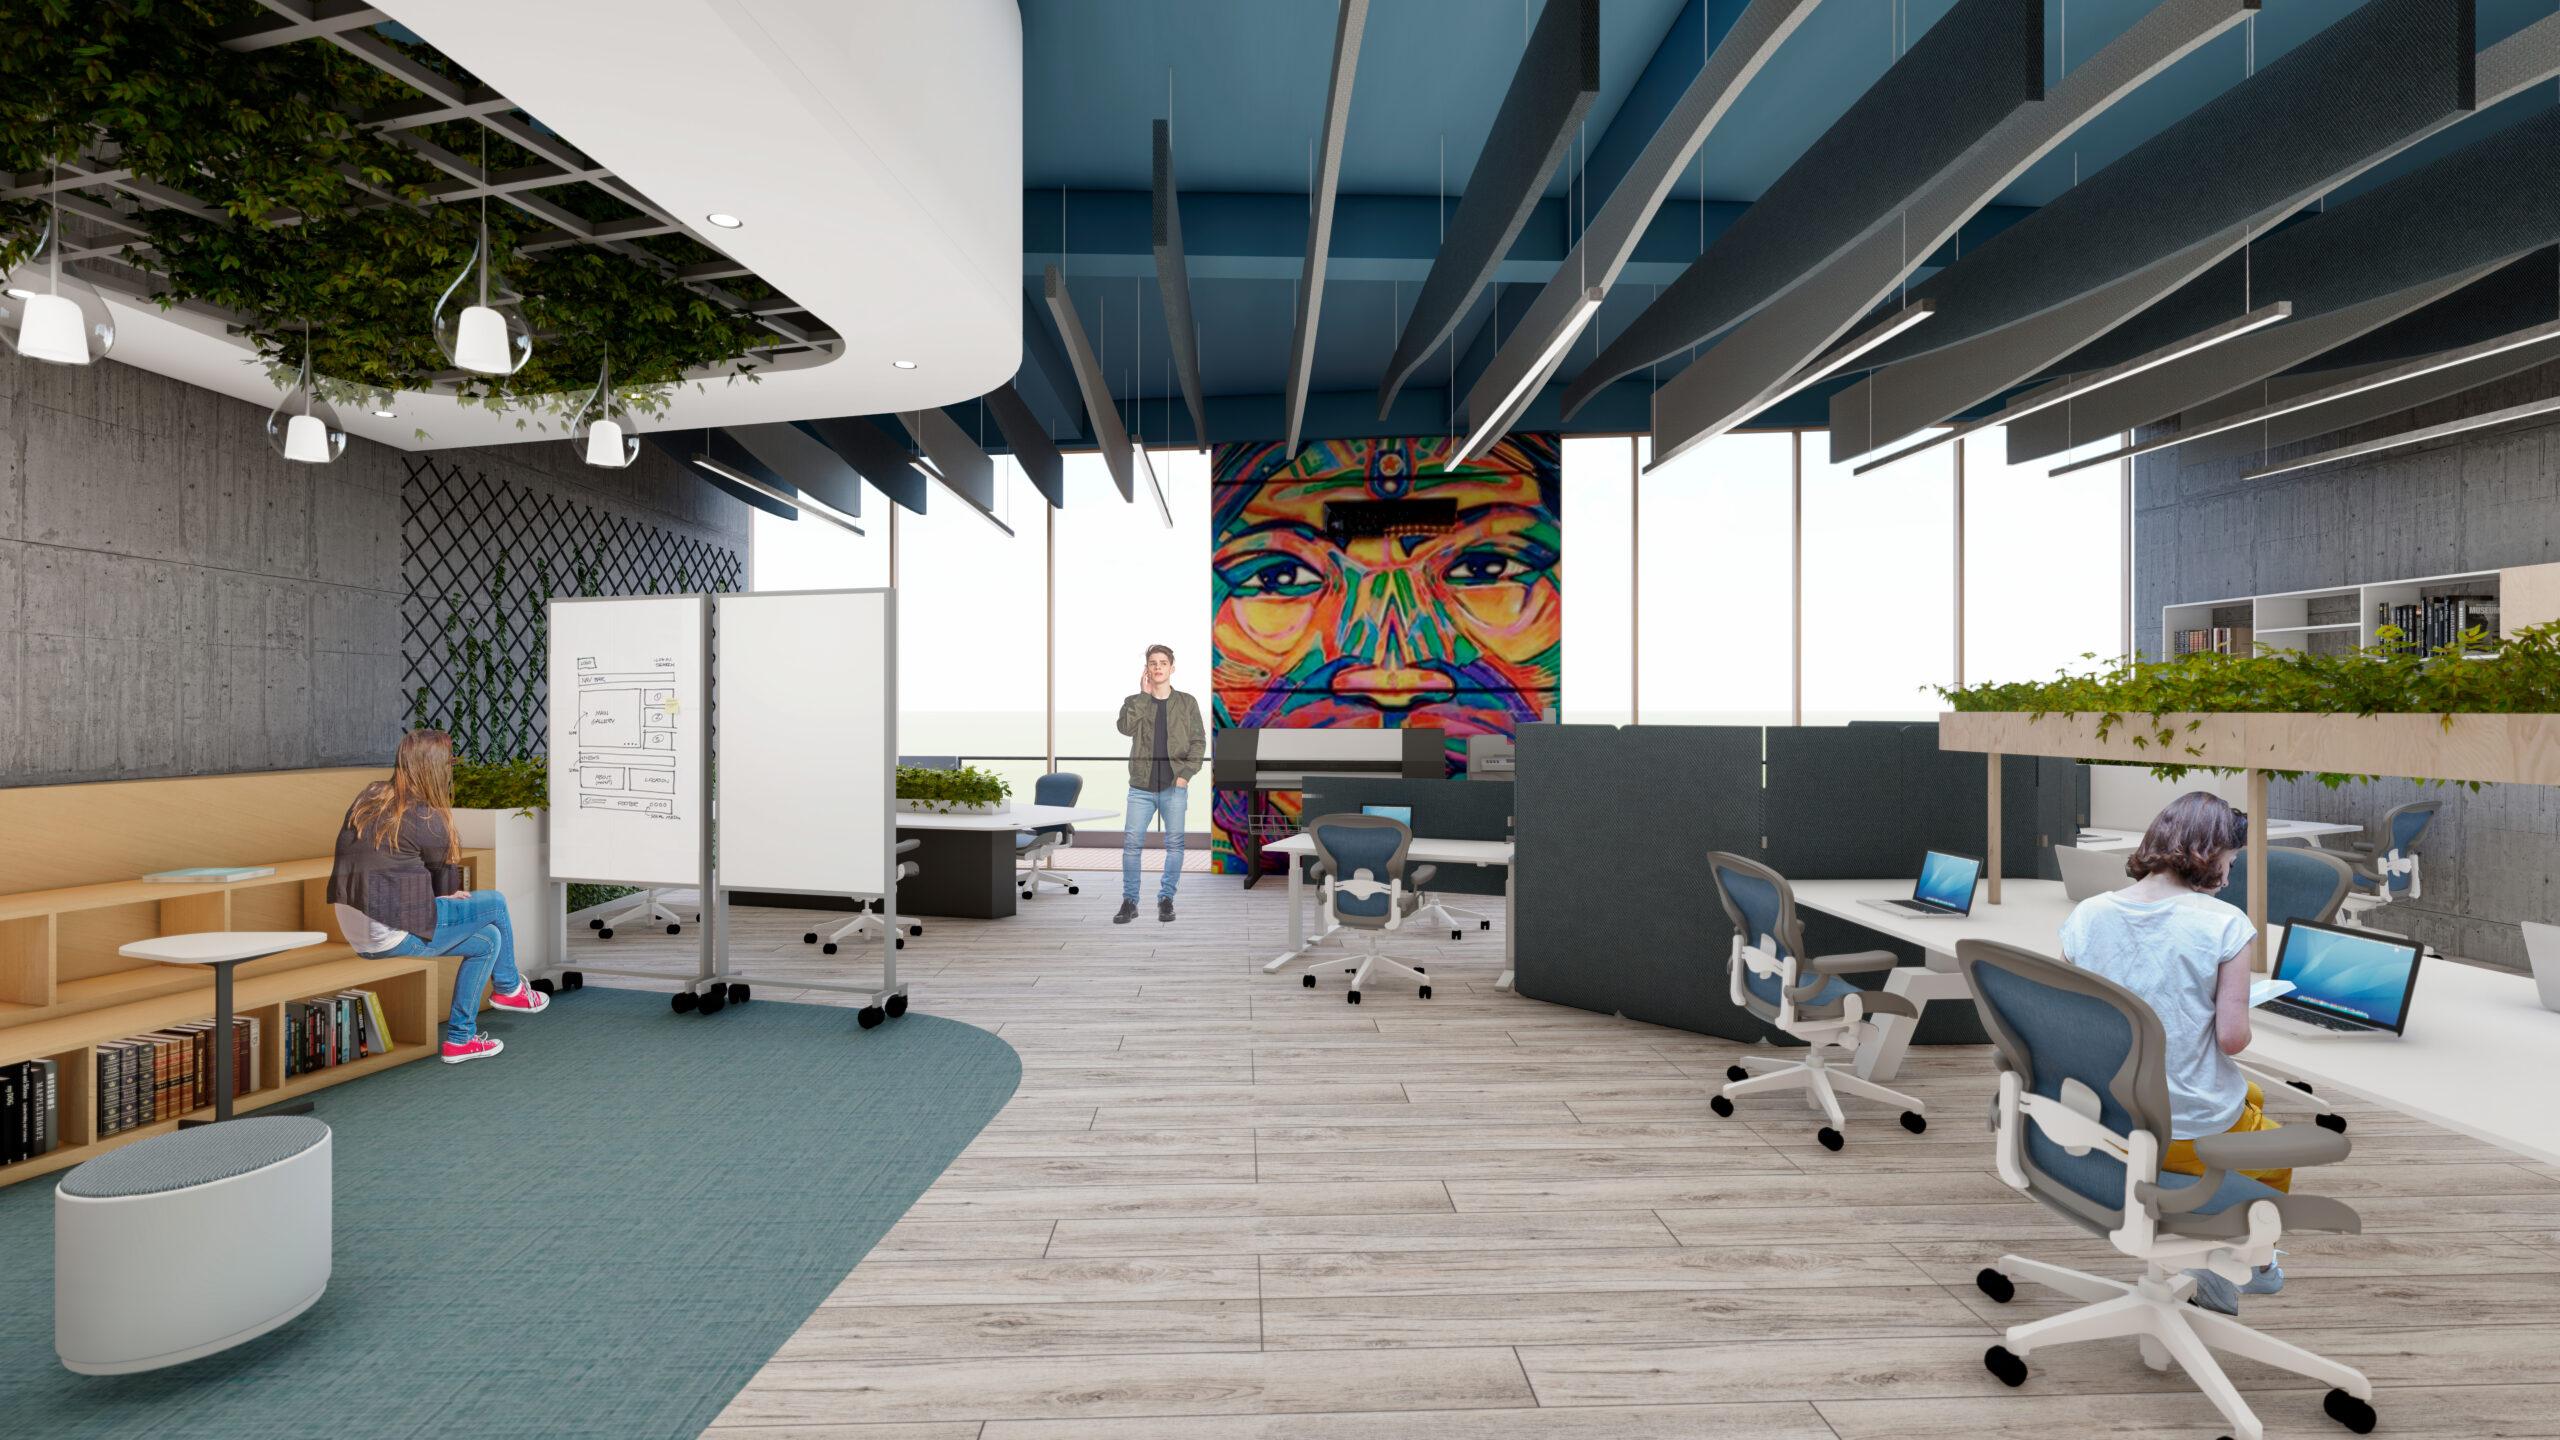 3goffice-prototipo-oficinas-workplace-coronavirus